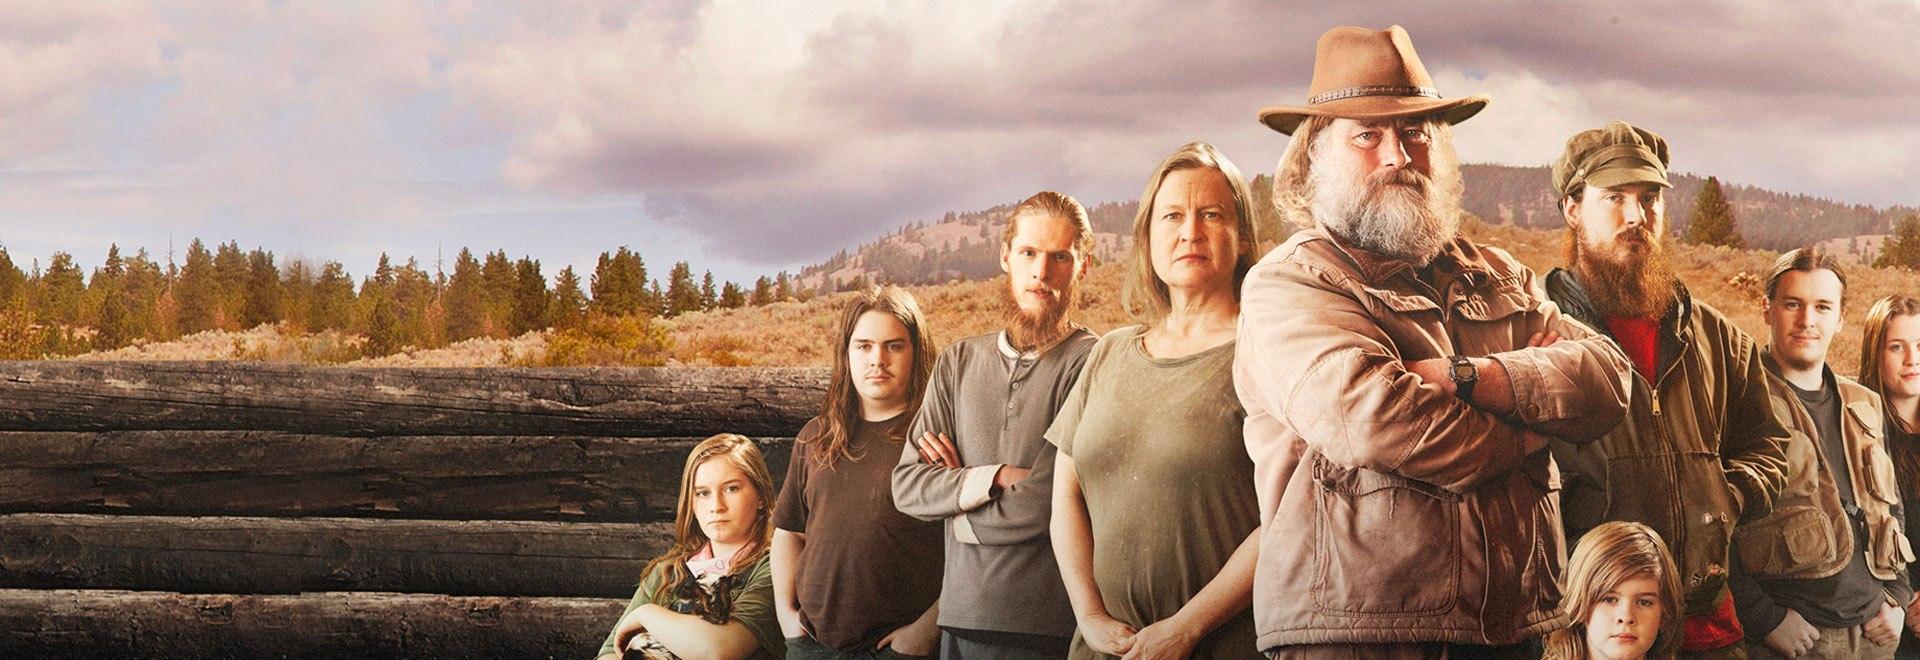 Una famiglia allo stato brado